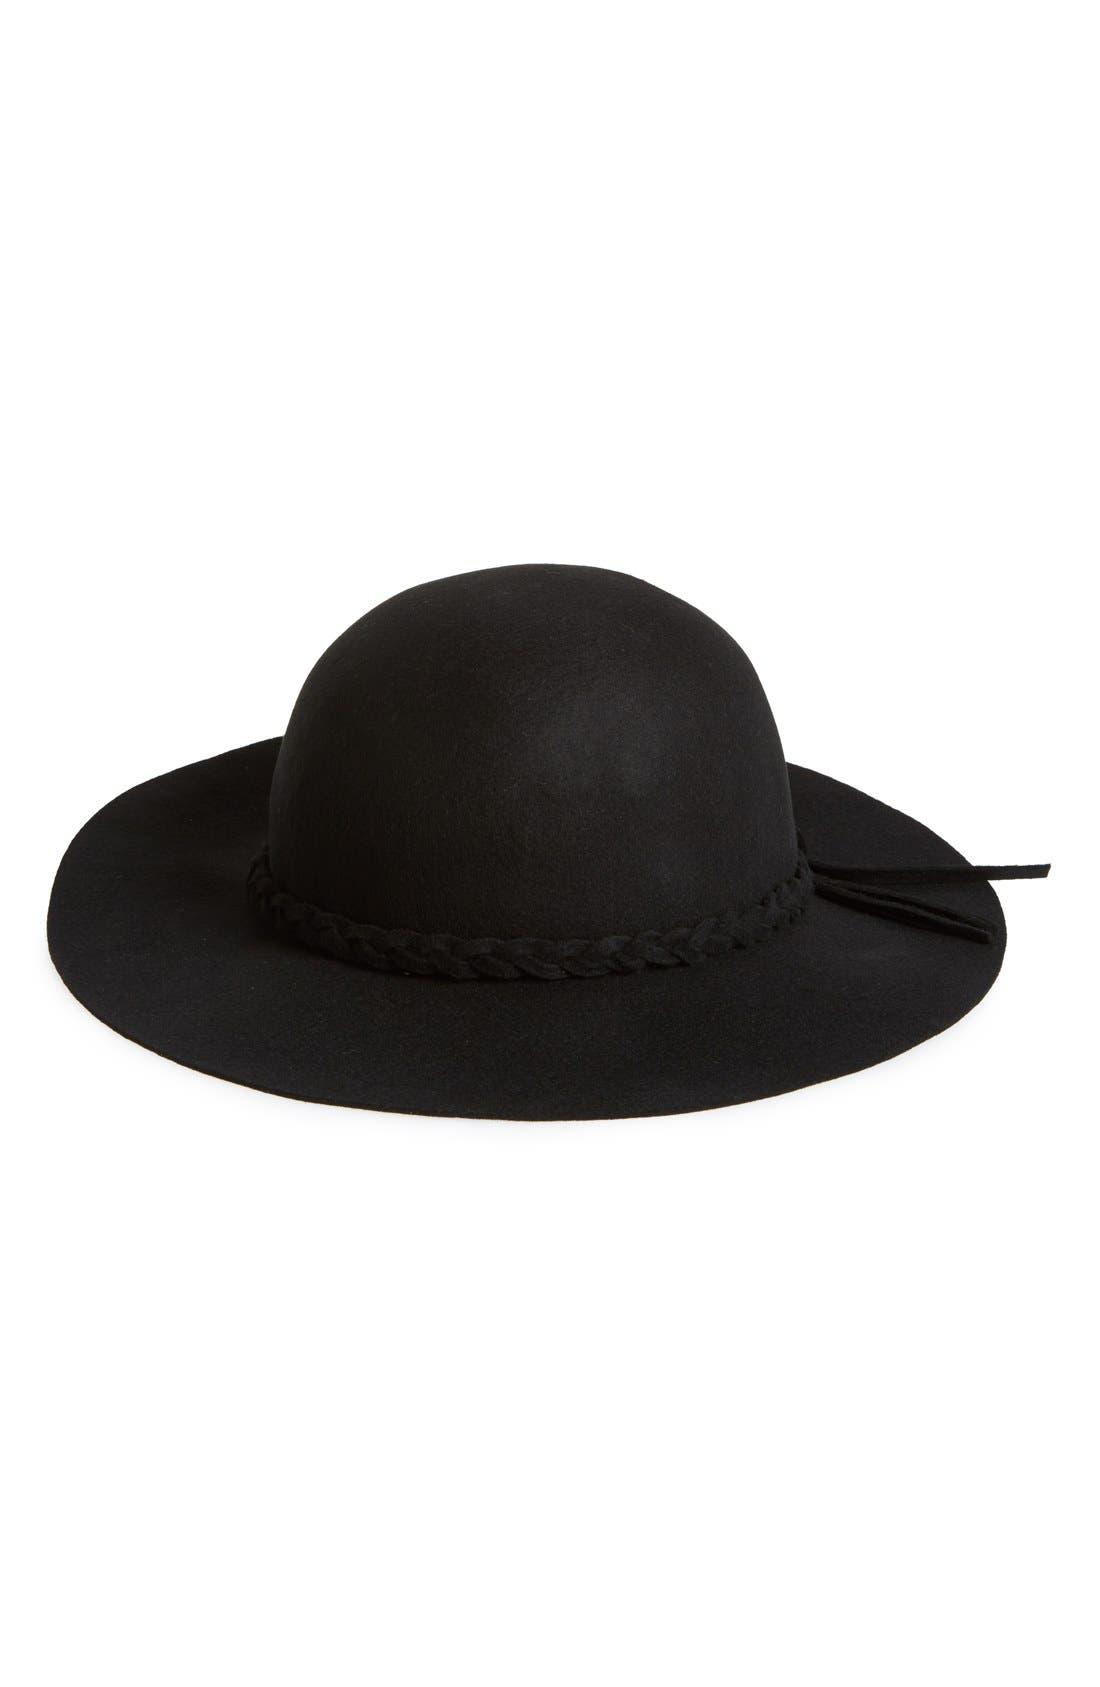 Main Image - Lulu Floppy Felt Hat